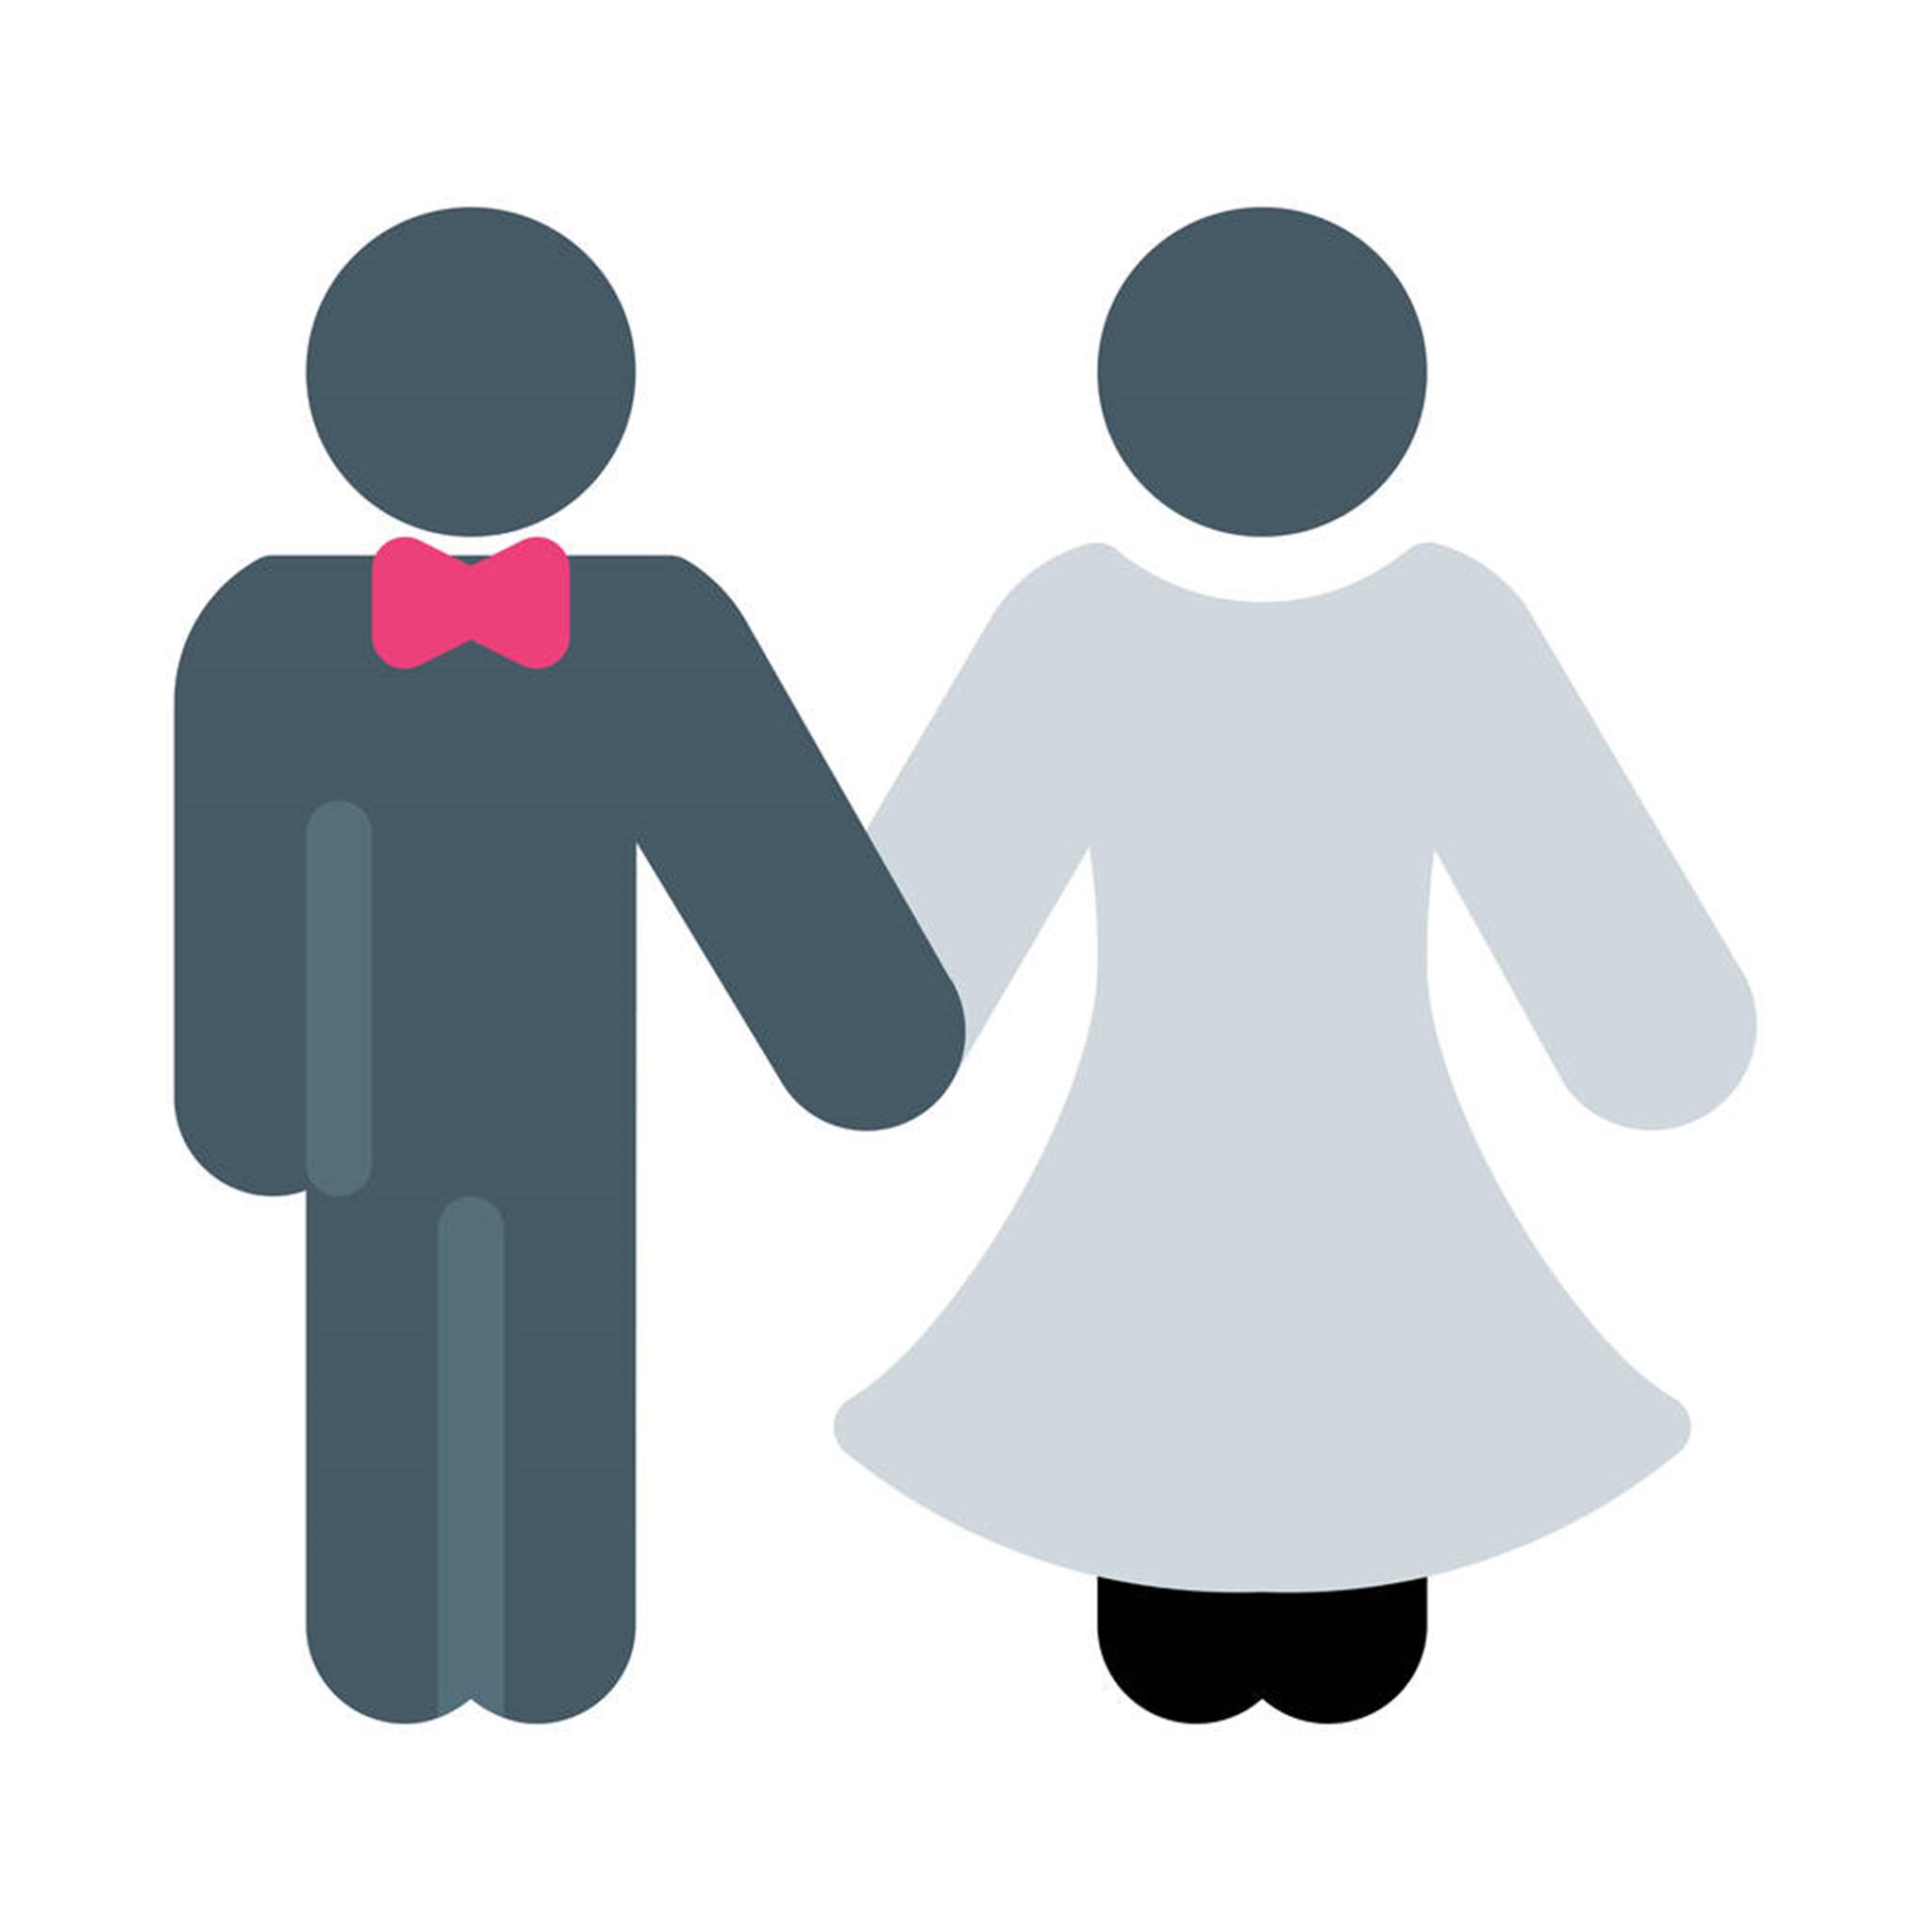 十二生肖男女婚配表 十二生肖婚配表